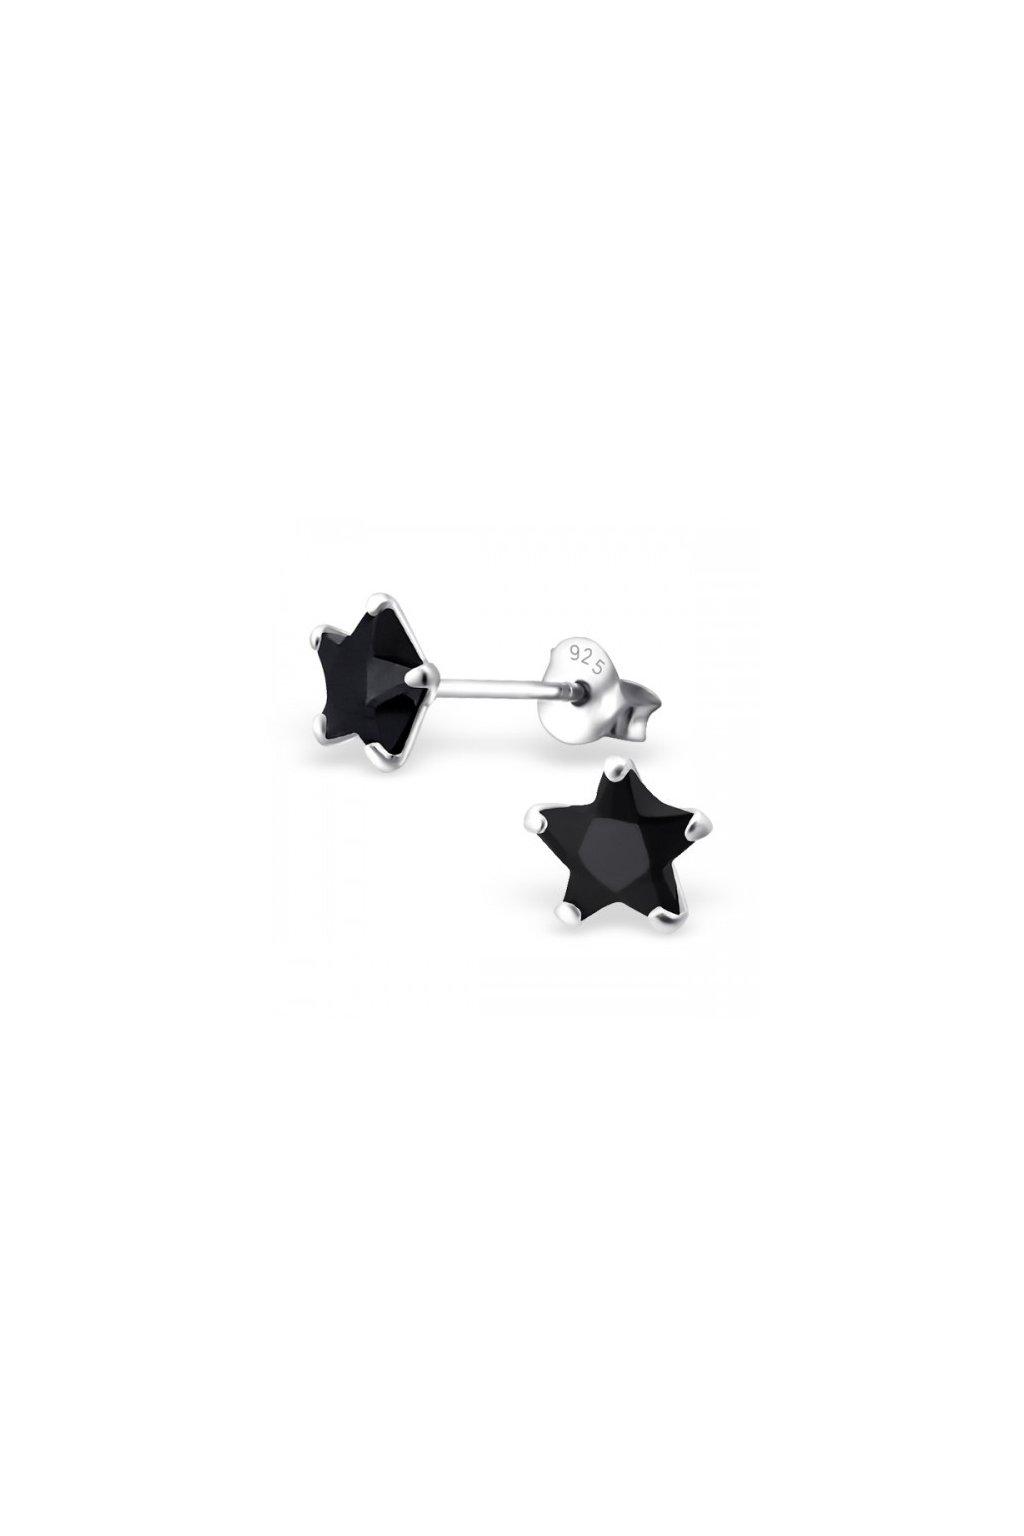 Strieborné náušnice hviezdy - 925 cz čierny kryštál MS9526